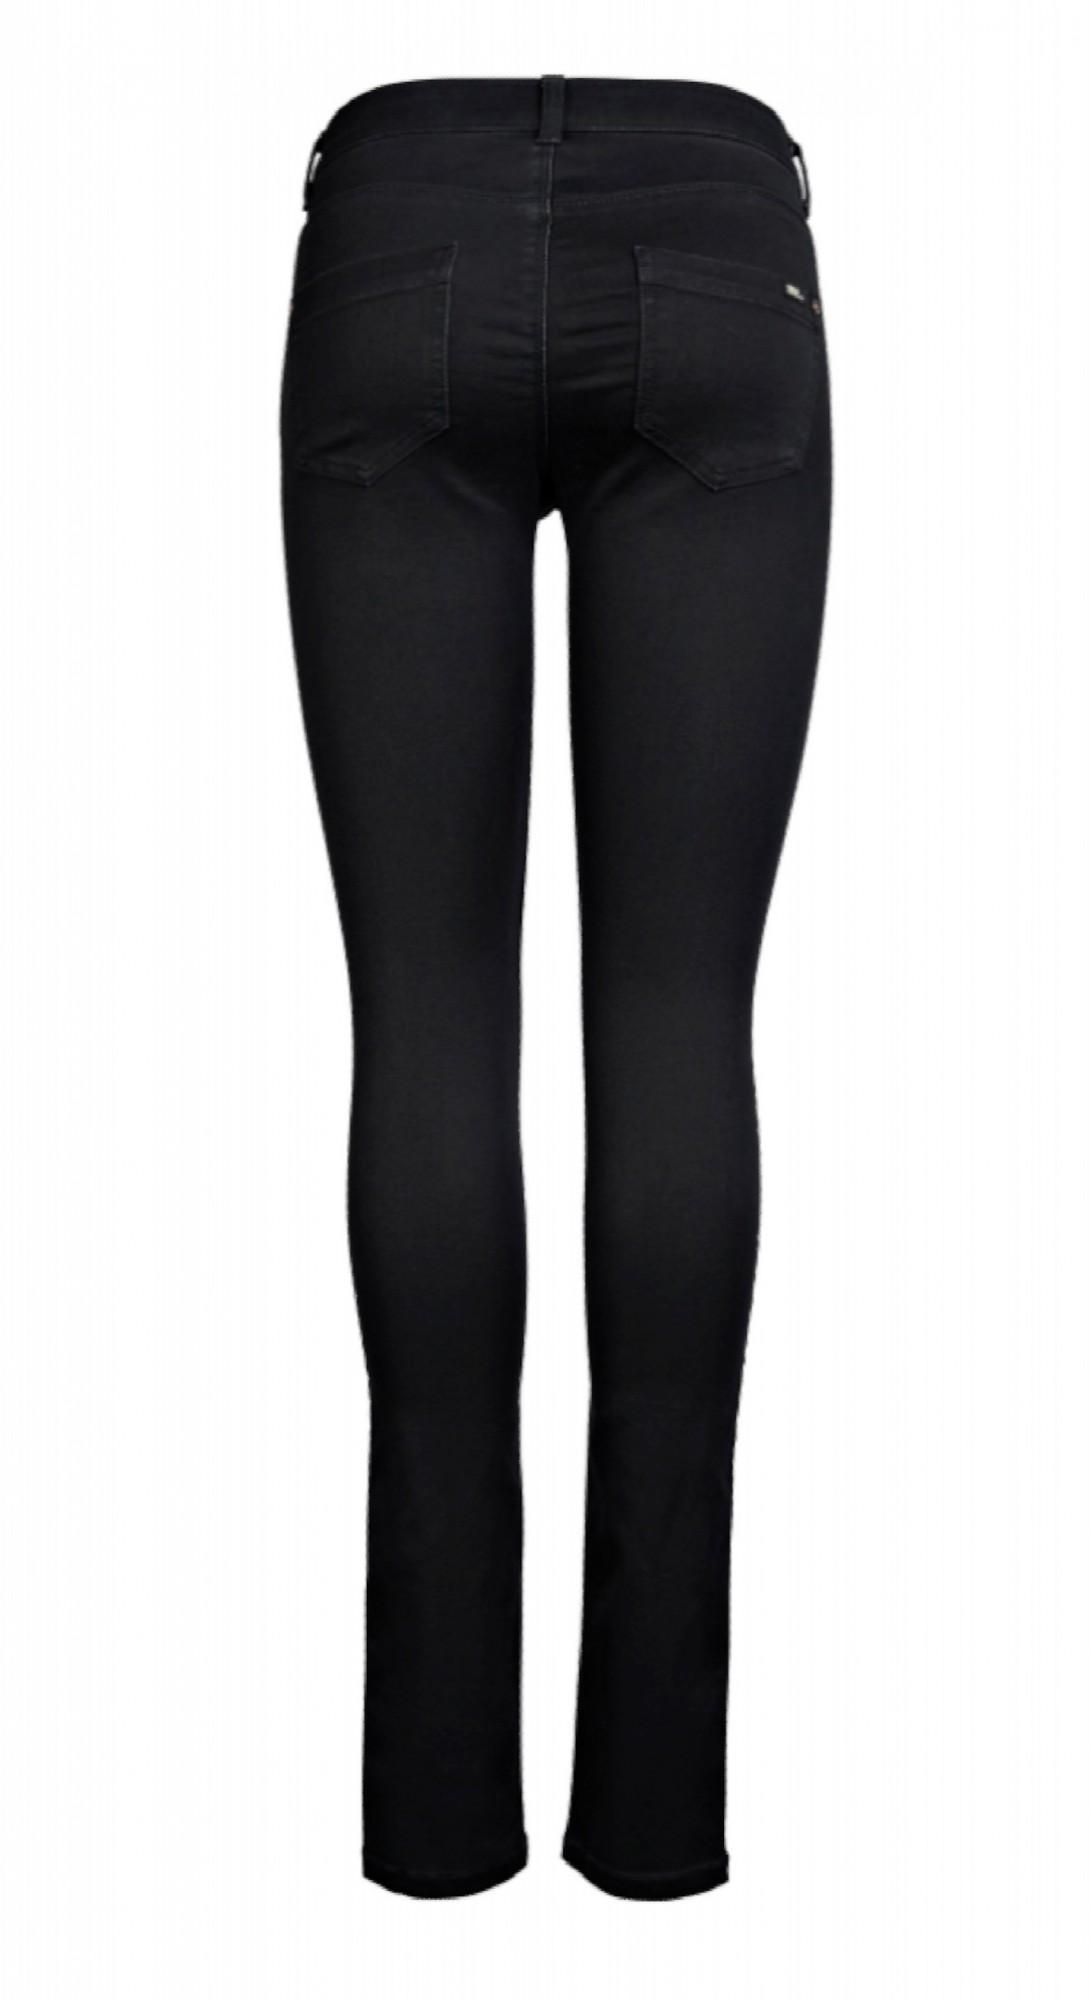 Only Damen Jeans Hose Röhre Hüftjeans 15077793 schwarz Skinny REG soft Ultimate